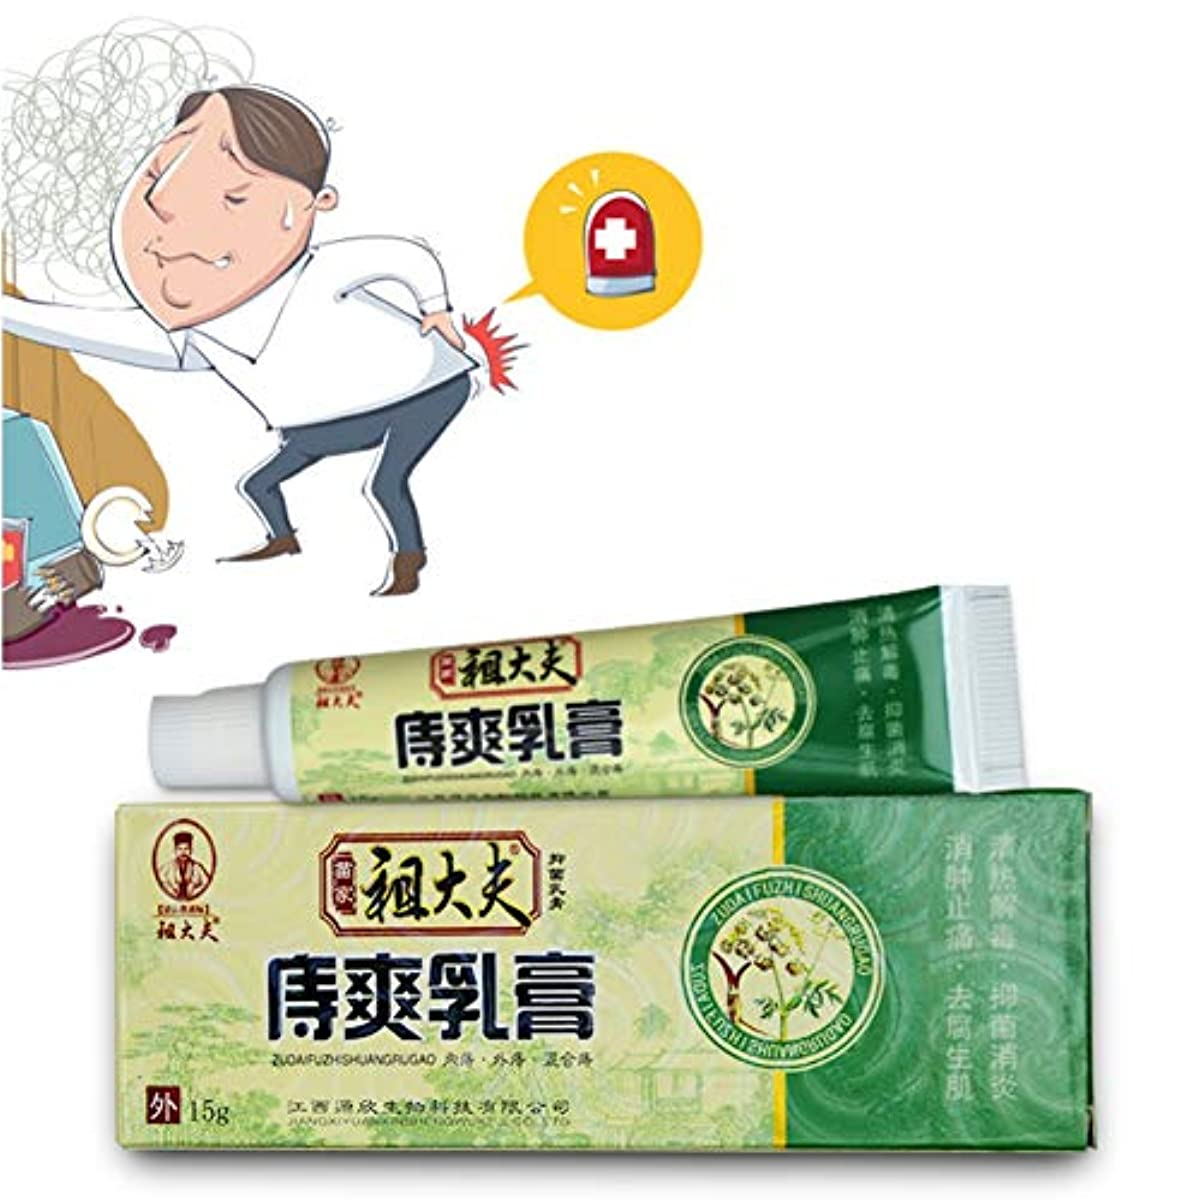 時々無視できる療法Balai He軟膏 痛みのかゆみ肛門ケアクリーム 漢方薬製品 痔のクリーム 痔